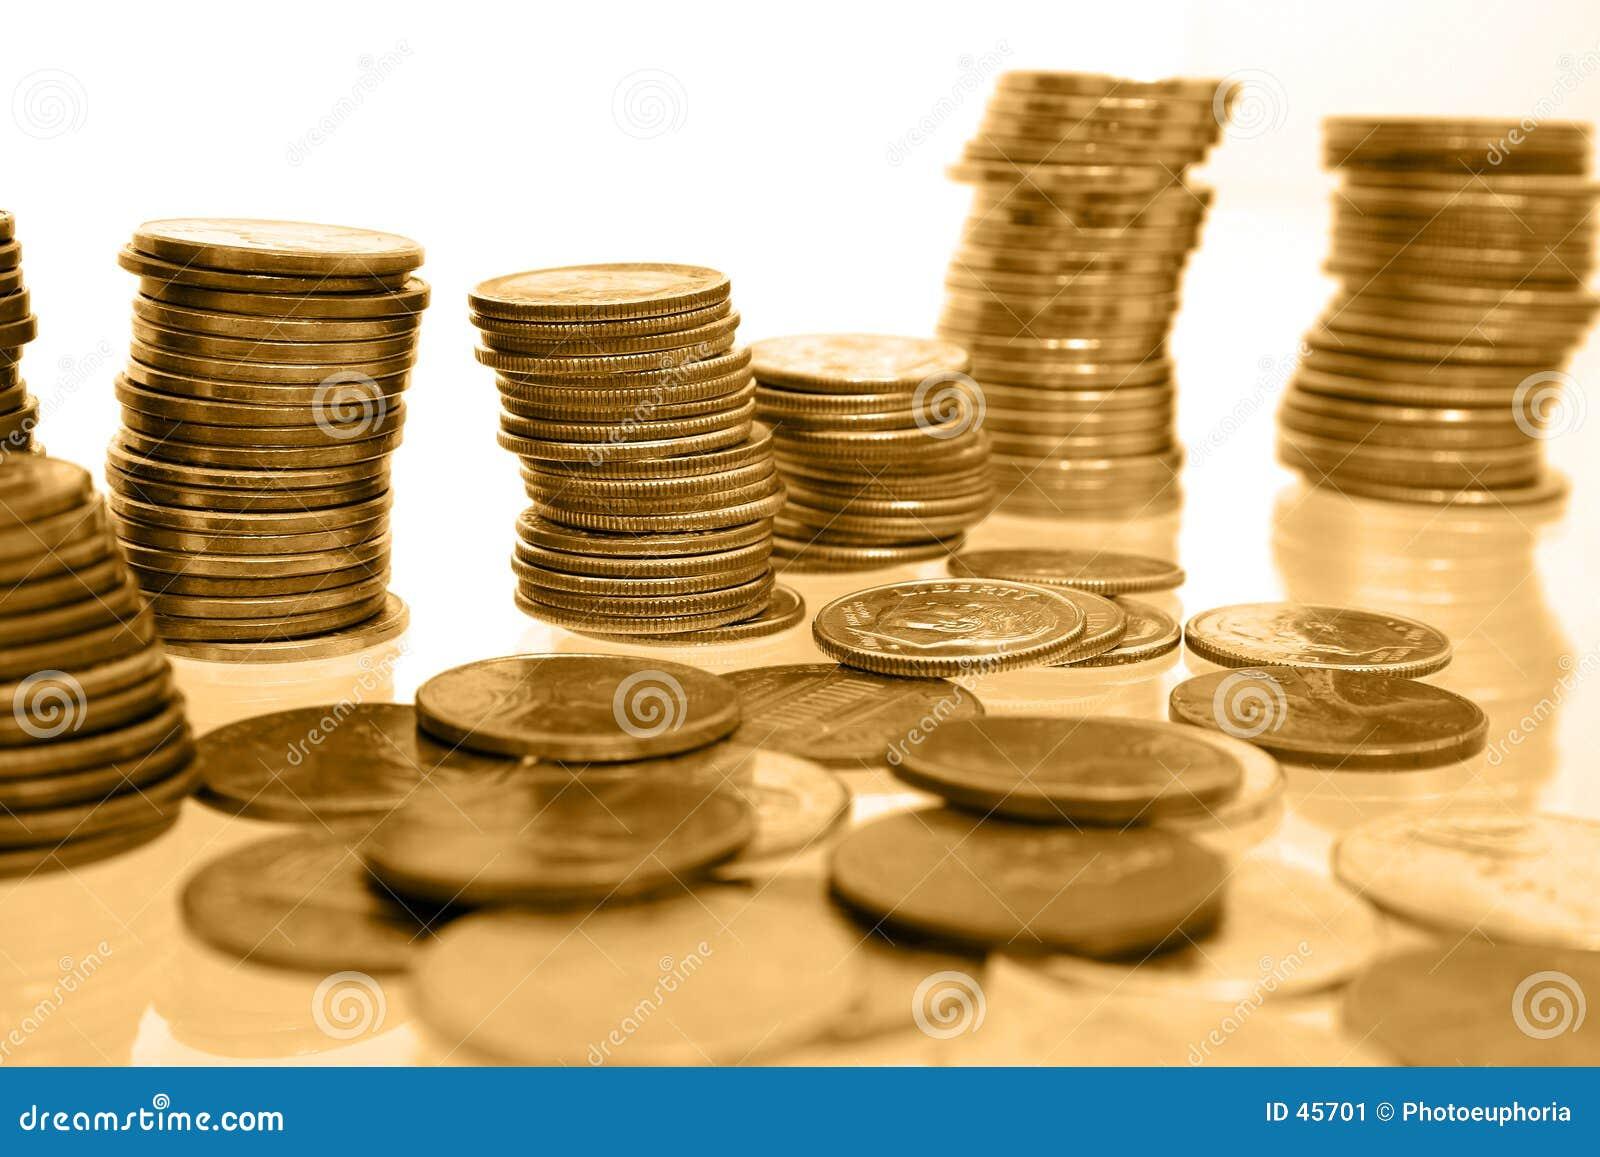 χρυσοί τόνοι στοιβών χρημάτων νομισμάτων